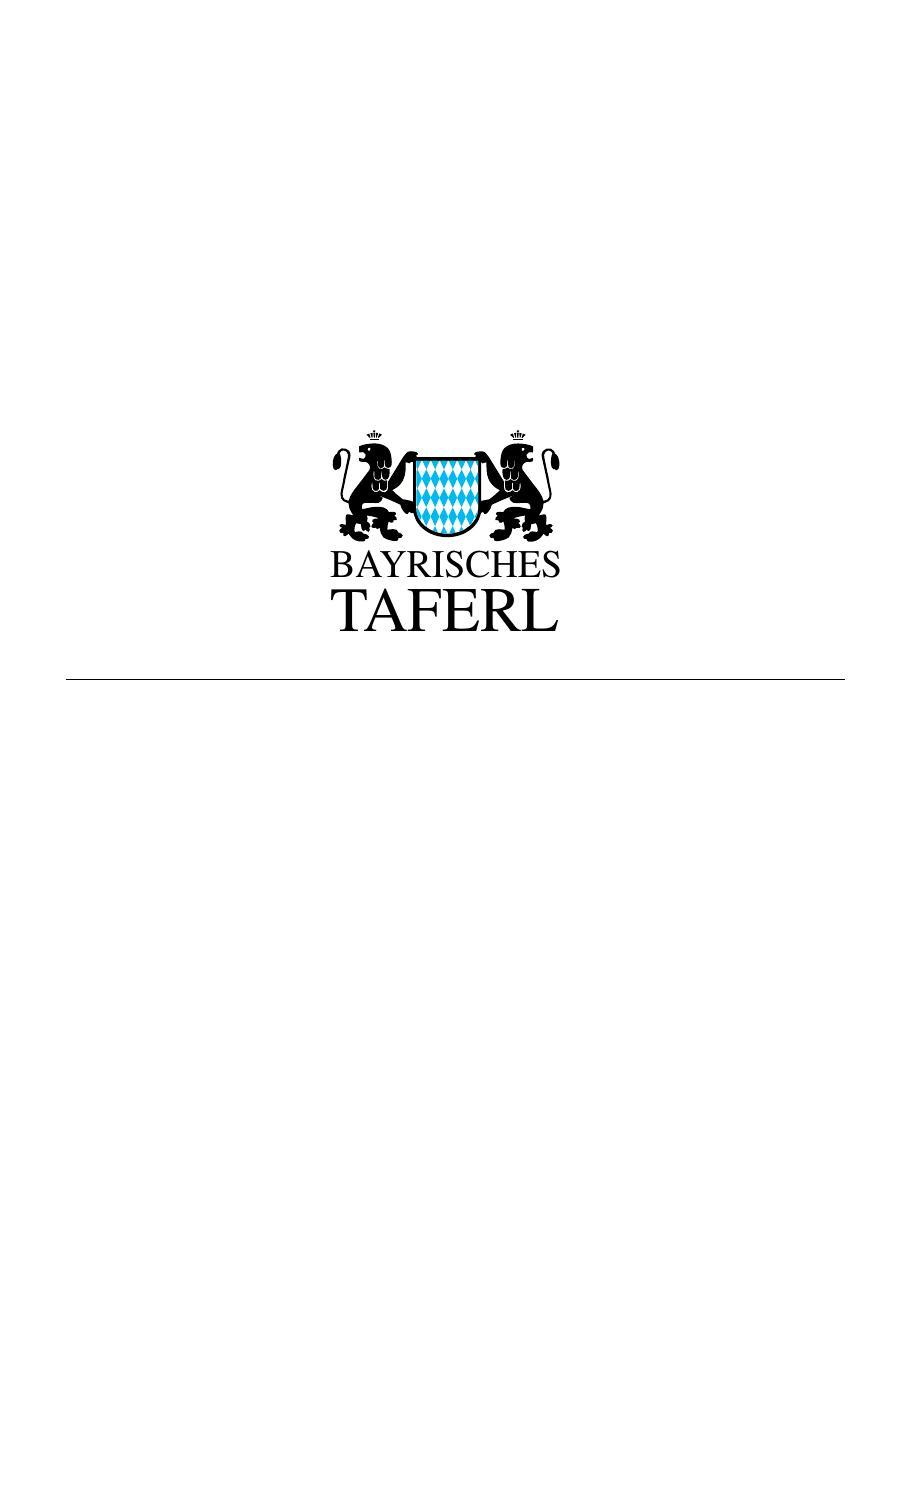 Ausgabe 52 2015 bayrisches taferl by Bayrisches Taferl issuu